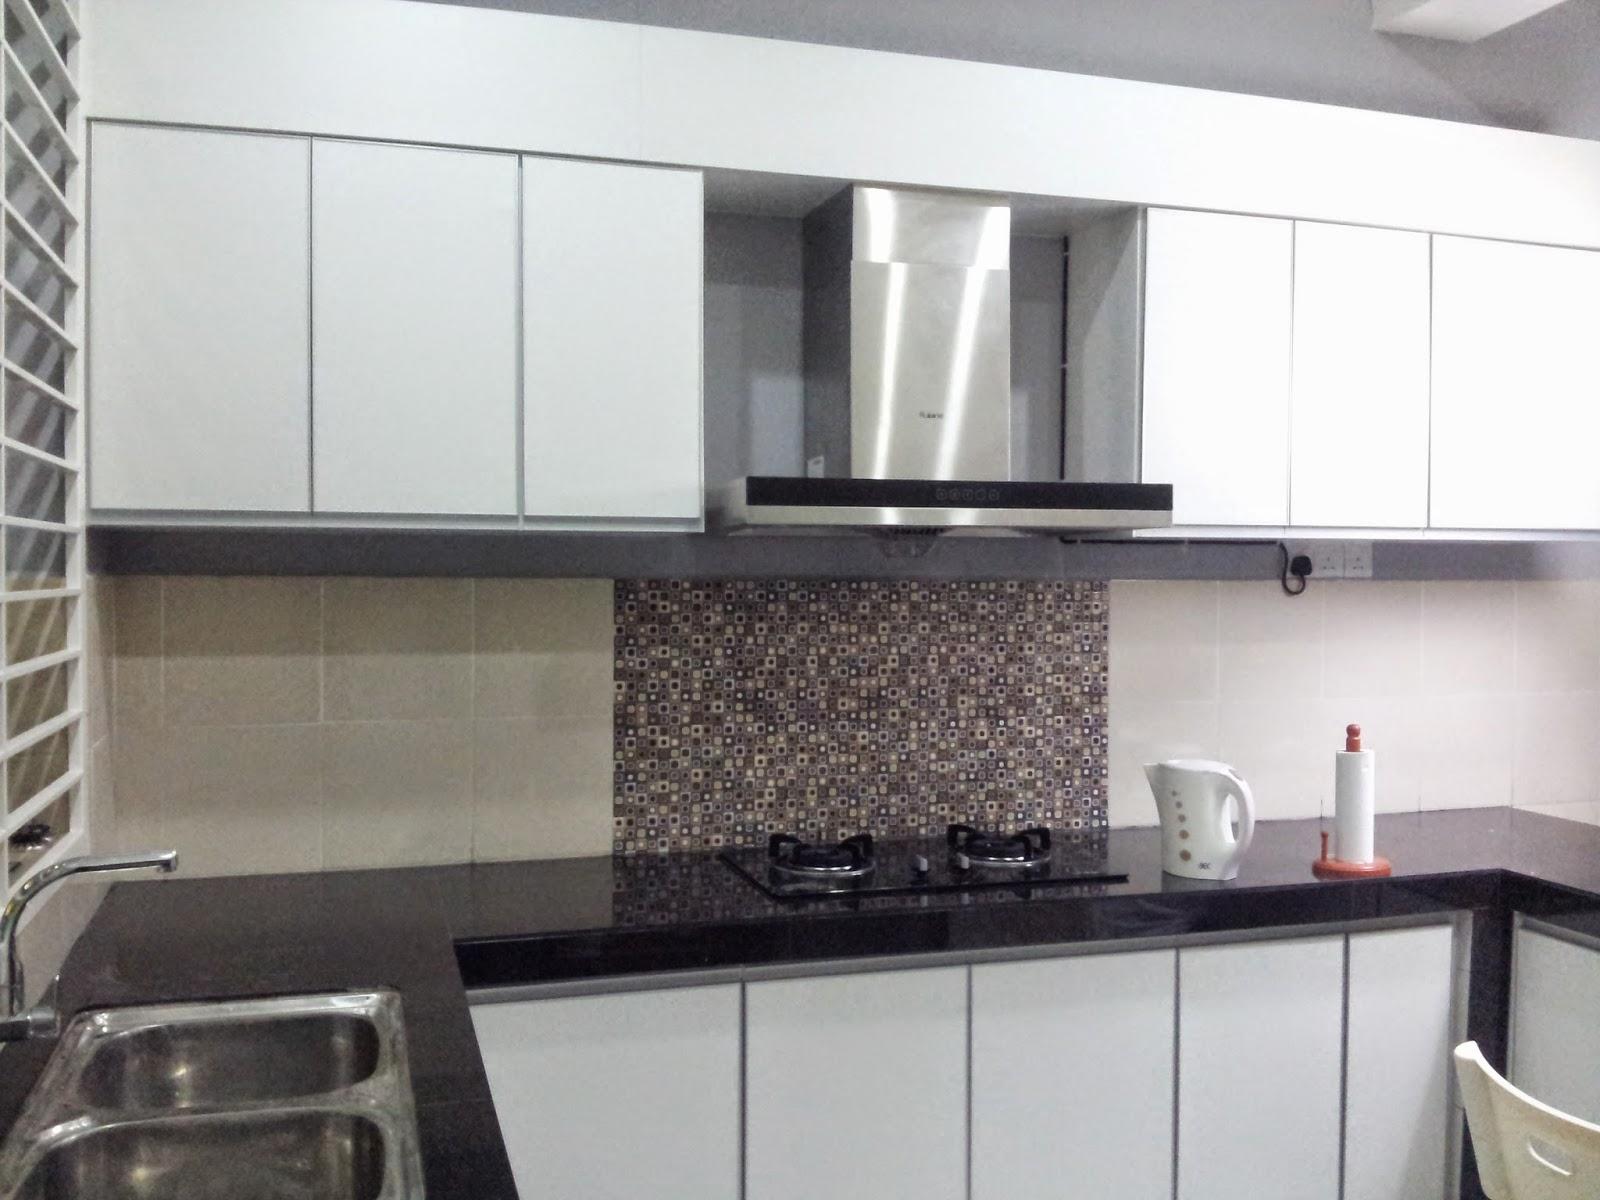 Untuk Work Top I M Using Concrete Pilihan Paling Murah Tapi Lebih Heavy Duty Dan Easy Maintenance Berbanding Granite Lain